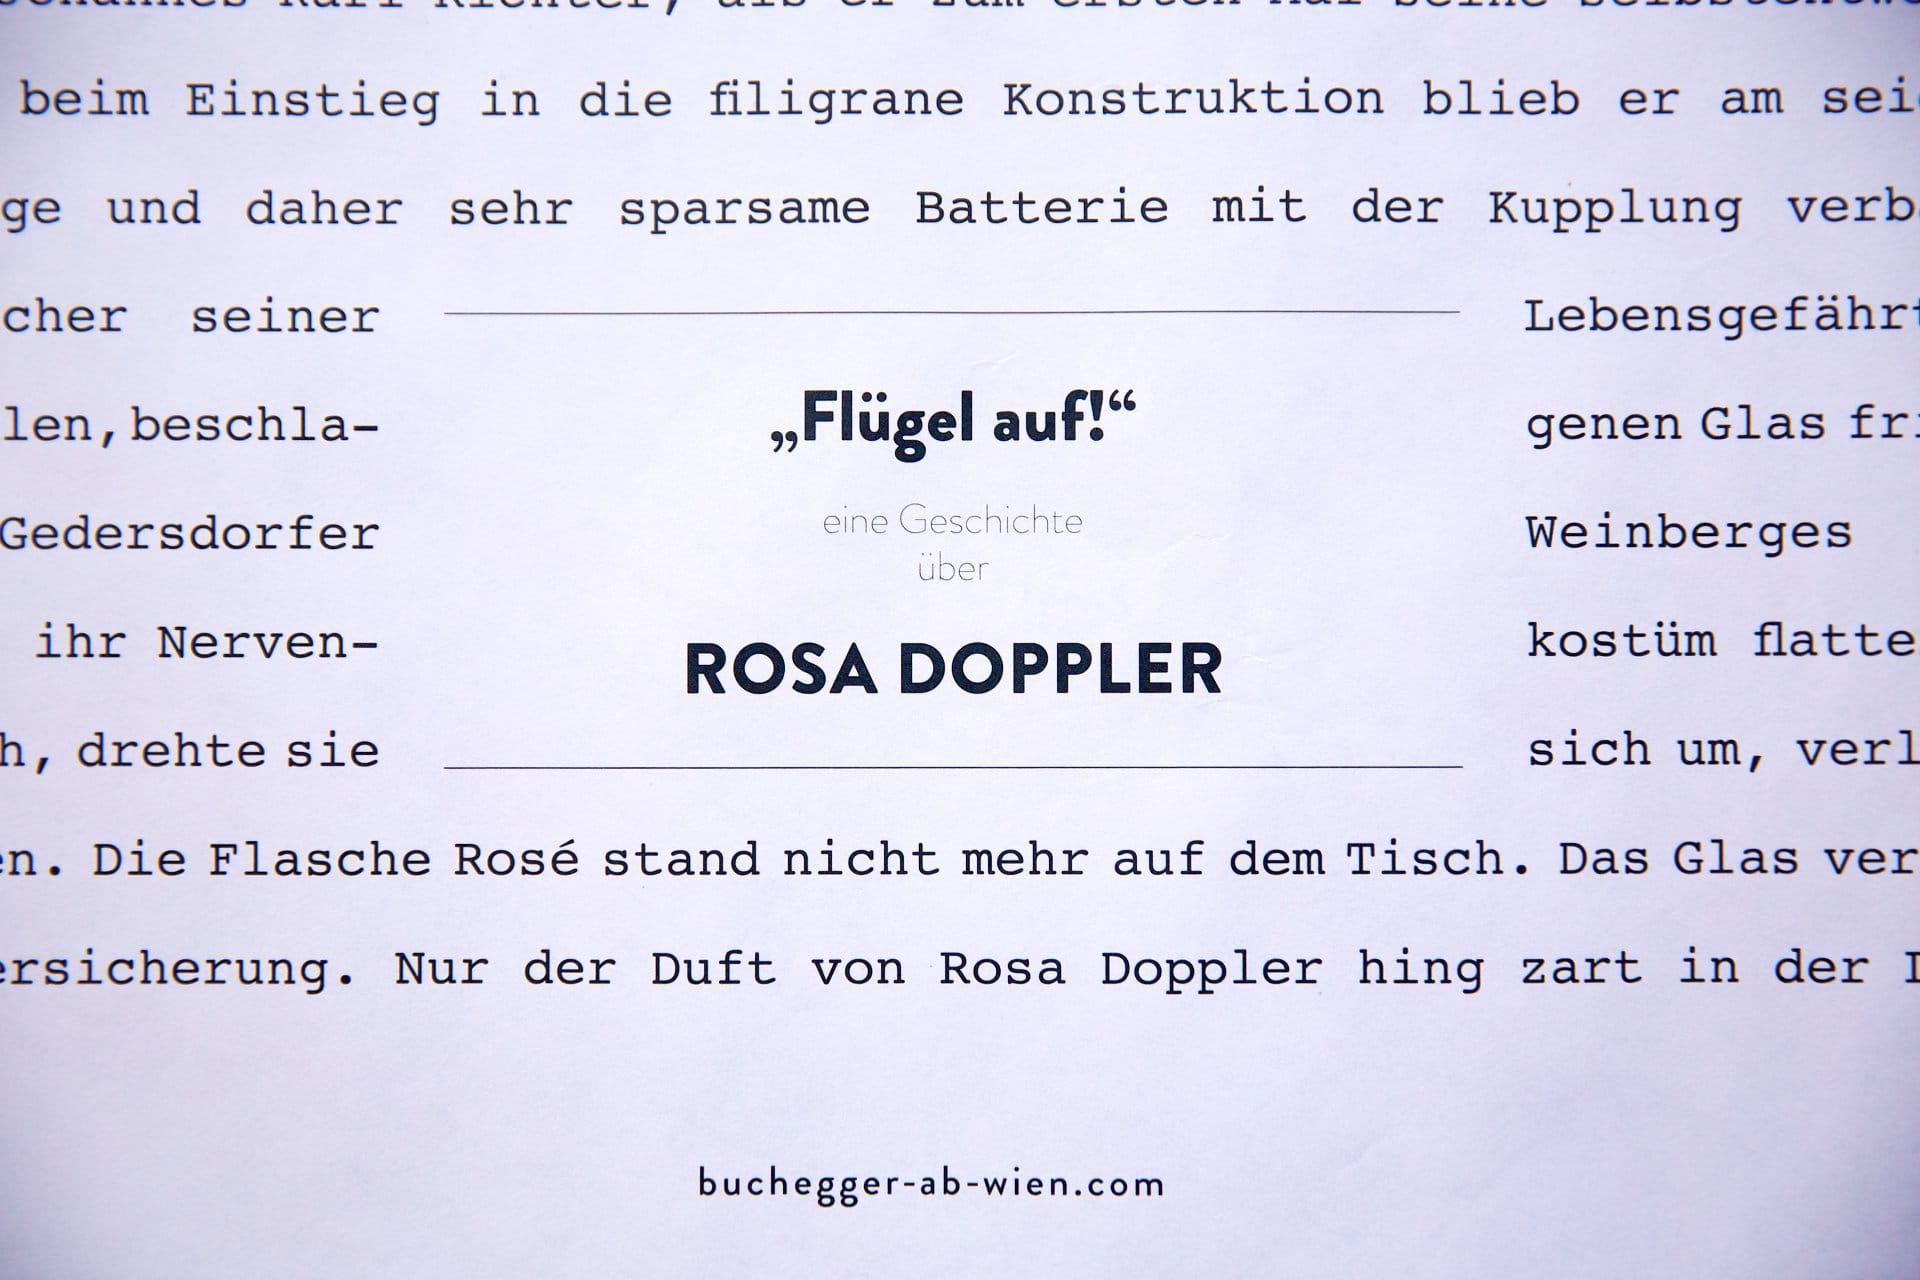 2013 buchegger rosadoppler 4